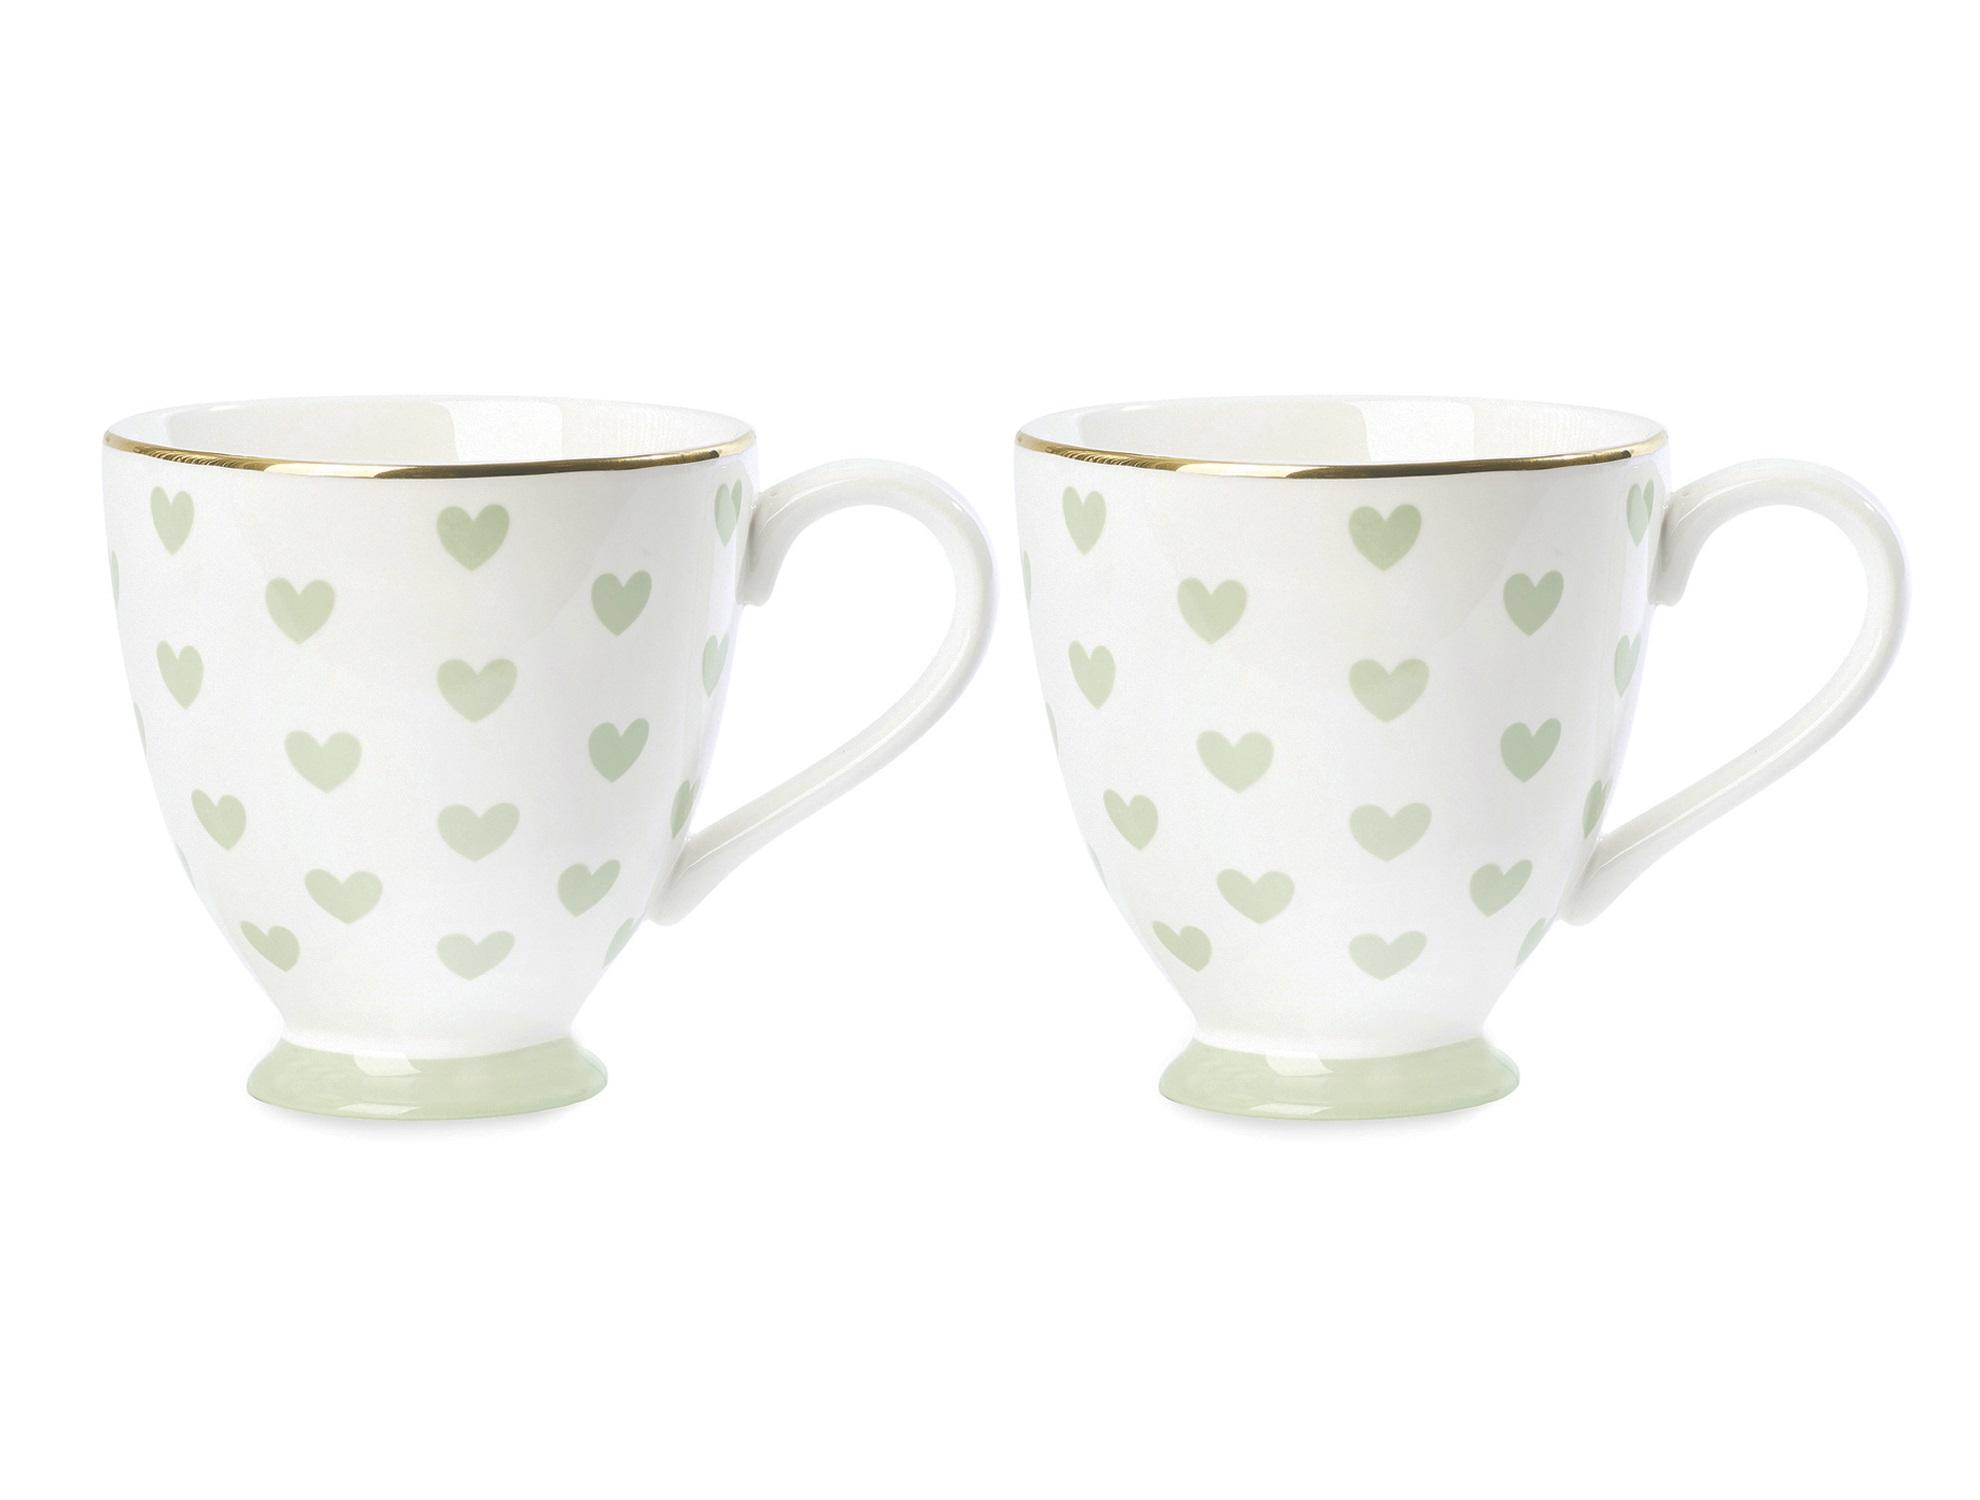 Набор кофейных чашек (2шт)Чайные пары, чашки и кружки<br>Чаепитие – настоящее магическое действо, во время которого можно получить море удовольствий сразу. С посудой Miss Etoile ко всем приятностям добавится и эстетическое наслаждение от красивой сервировки. Эта милая чашка выглядят женственно и изящно, в сочетании с ароматным чаем и круассаном она создаст настроение булочной Парижа.&amp;amp;nbsp;&amp;lt;div&amp;gt;&amp;lt;br&amp;gt;&amp;lt;/div&amp;gt;&amp;lt;div&amp;gt;Объем 300 мл.&amp;amp;nbsp;&amp;lt;/div&amp;gt;&amp;lt;div&amp;gt;В наборе 2 шт. ( H:10 см)&amp;lt;/div&amp;gt;<br><br>Material: Керамика<br>Height см: 10